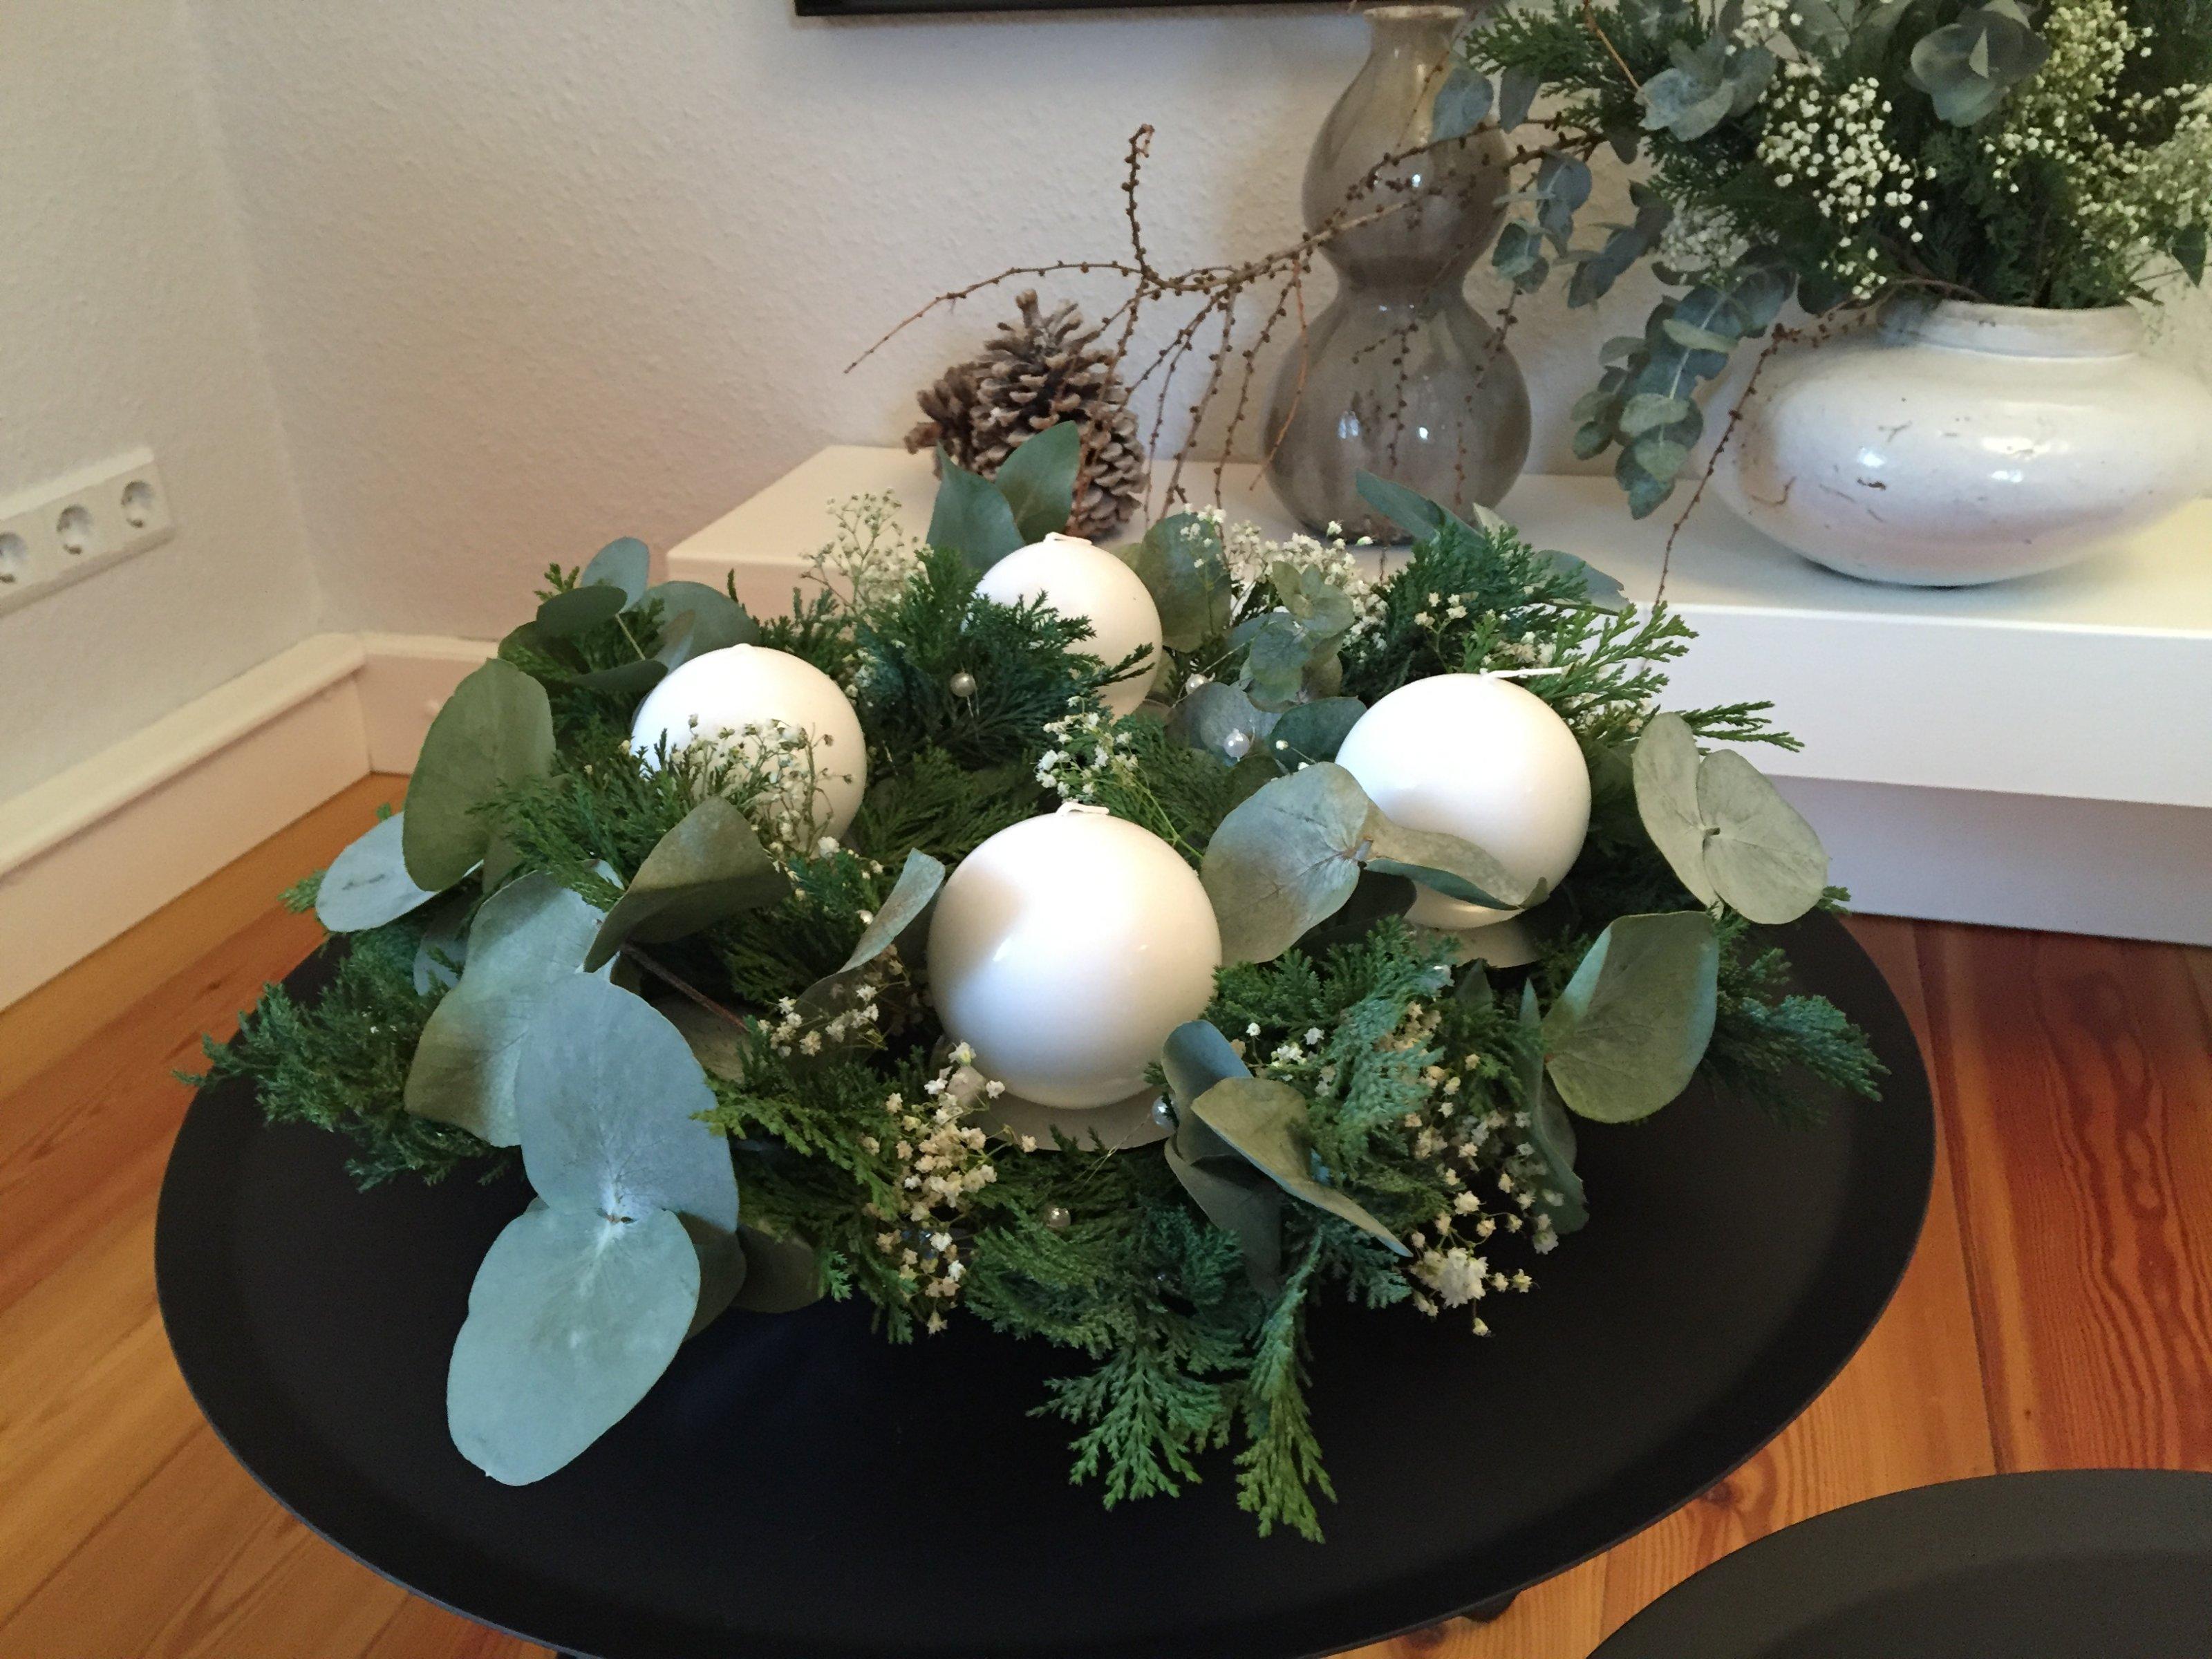 Weihnachtsdeko 39 weihnachten 2015 39 mein domizil zimmerschau for Zimmerdeko weihnachten